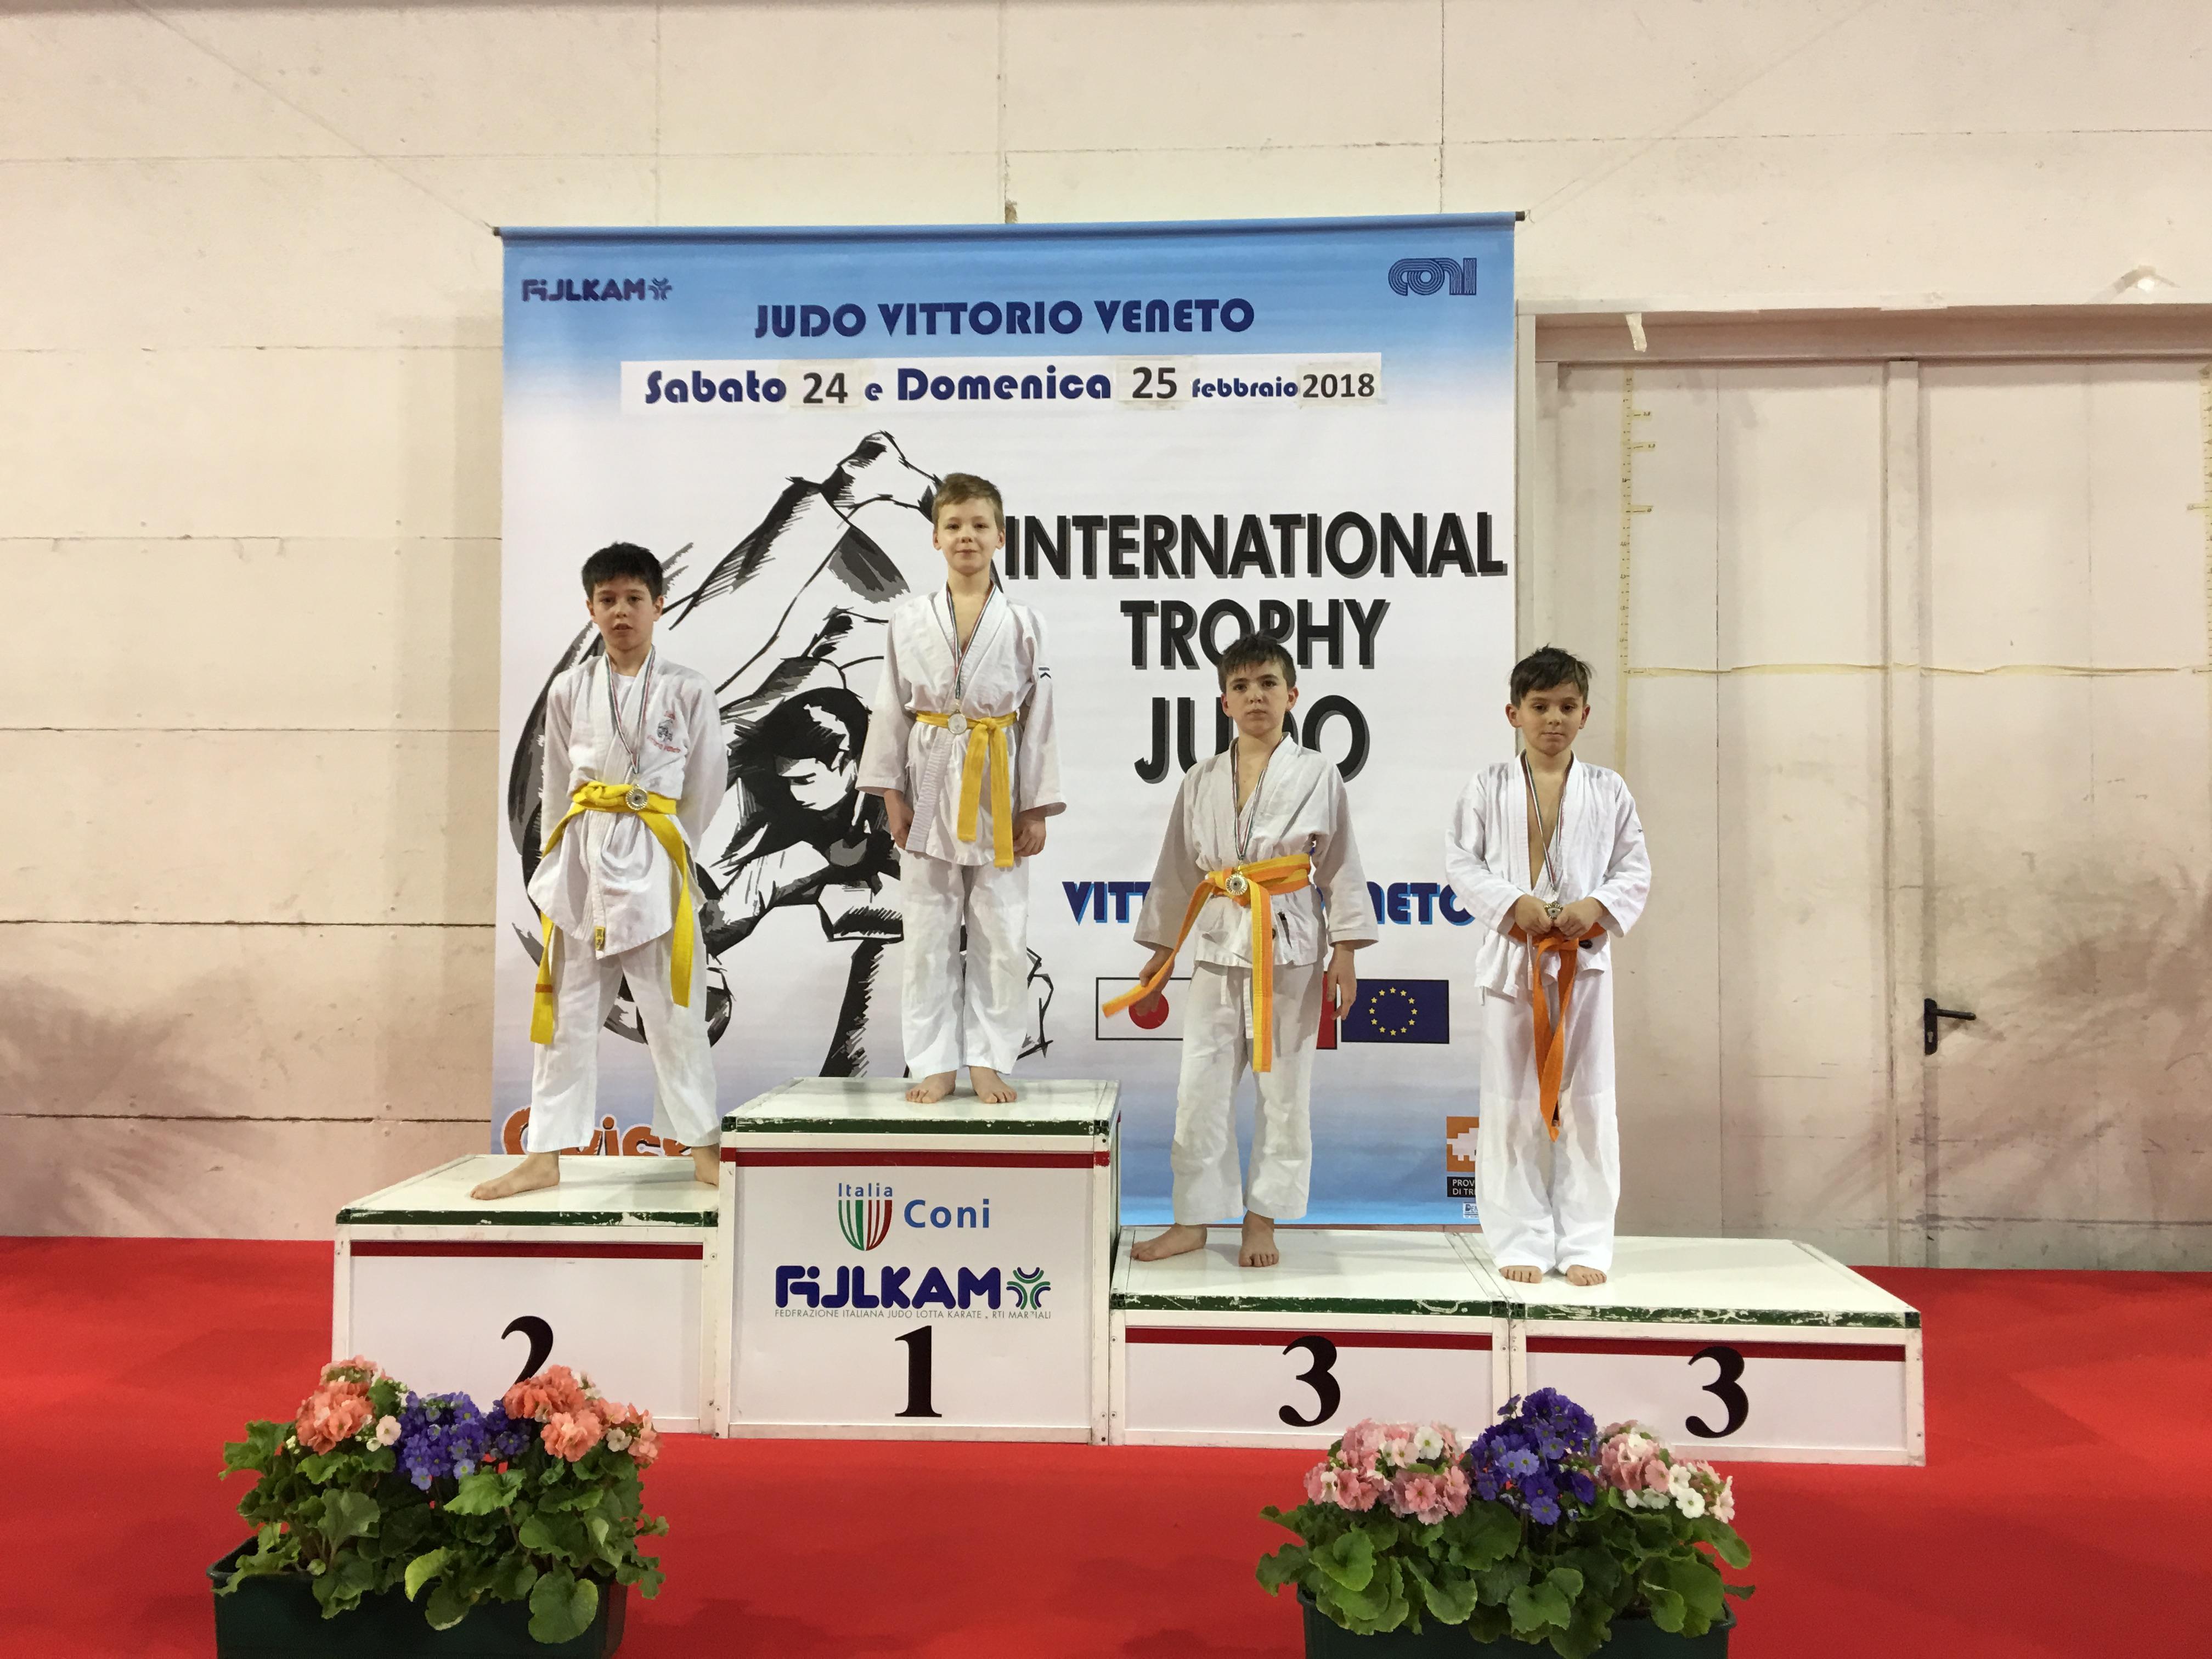 31° Torneo Internazionale di Judo Vittorio Veneto